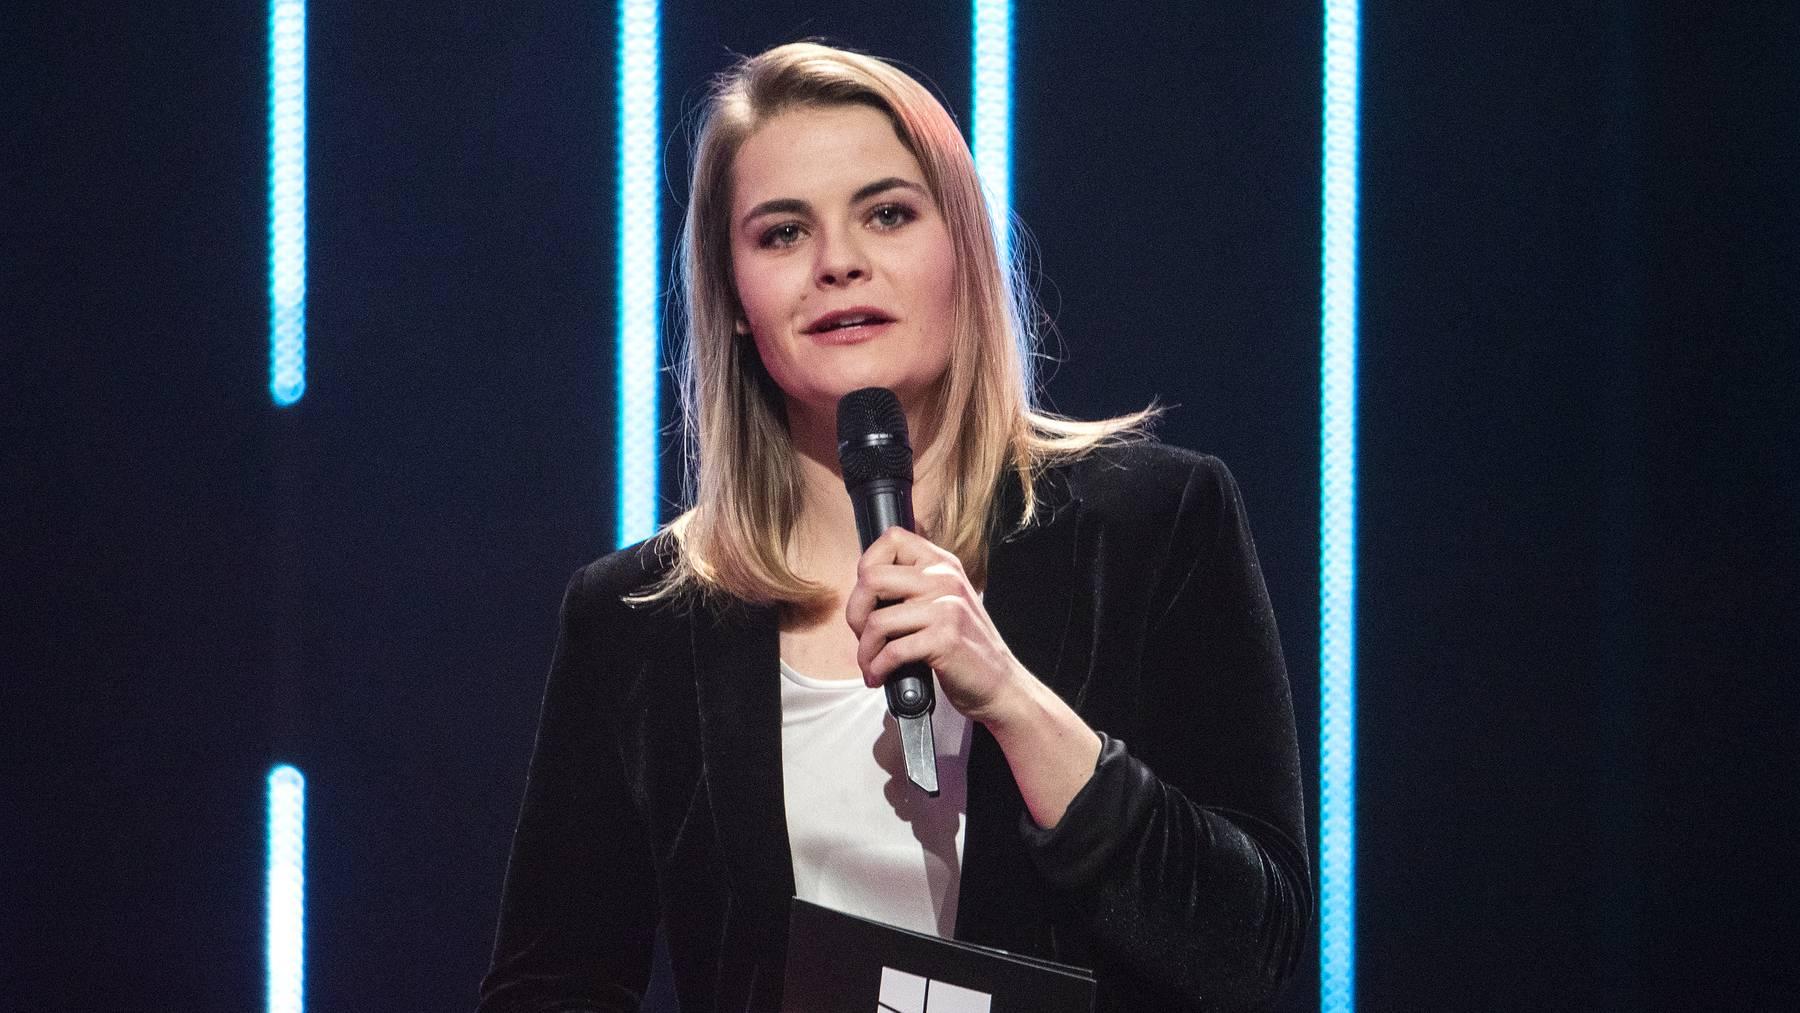 Comedian Hazel Brugger verkündet Schwangerschaft - viele